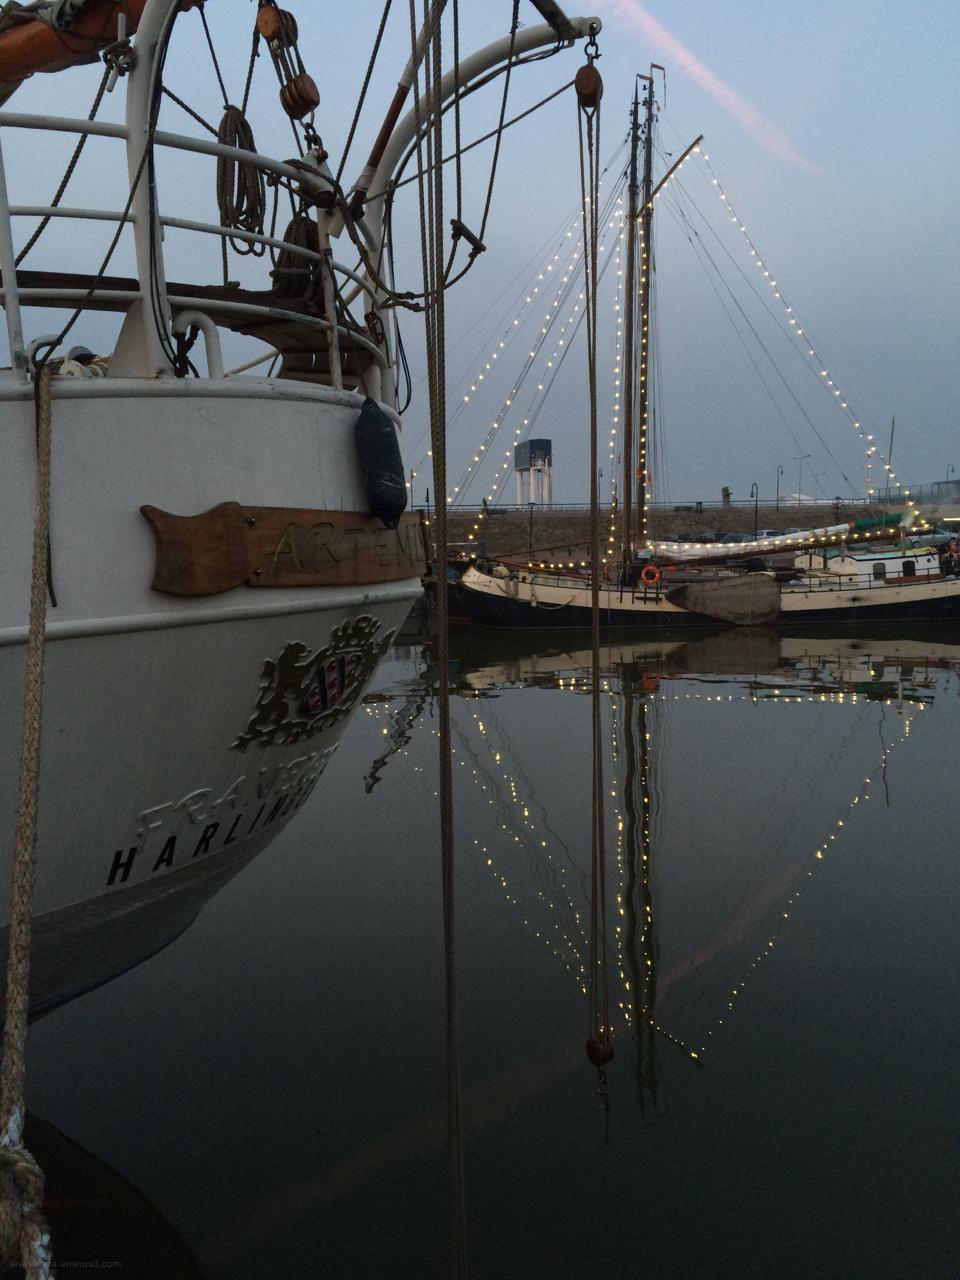 ship schip ruiten diamant lights lichtjes